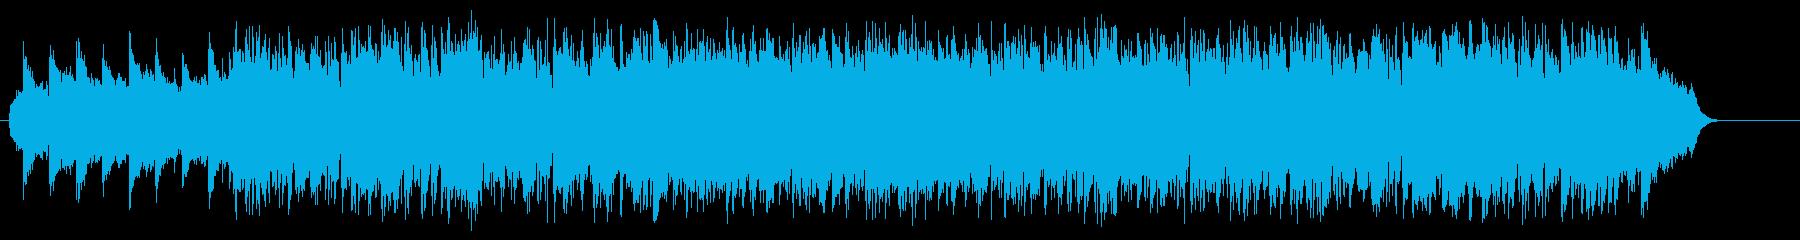 タイのポピュラー・ミュージックの再生済みの波形